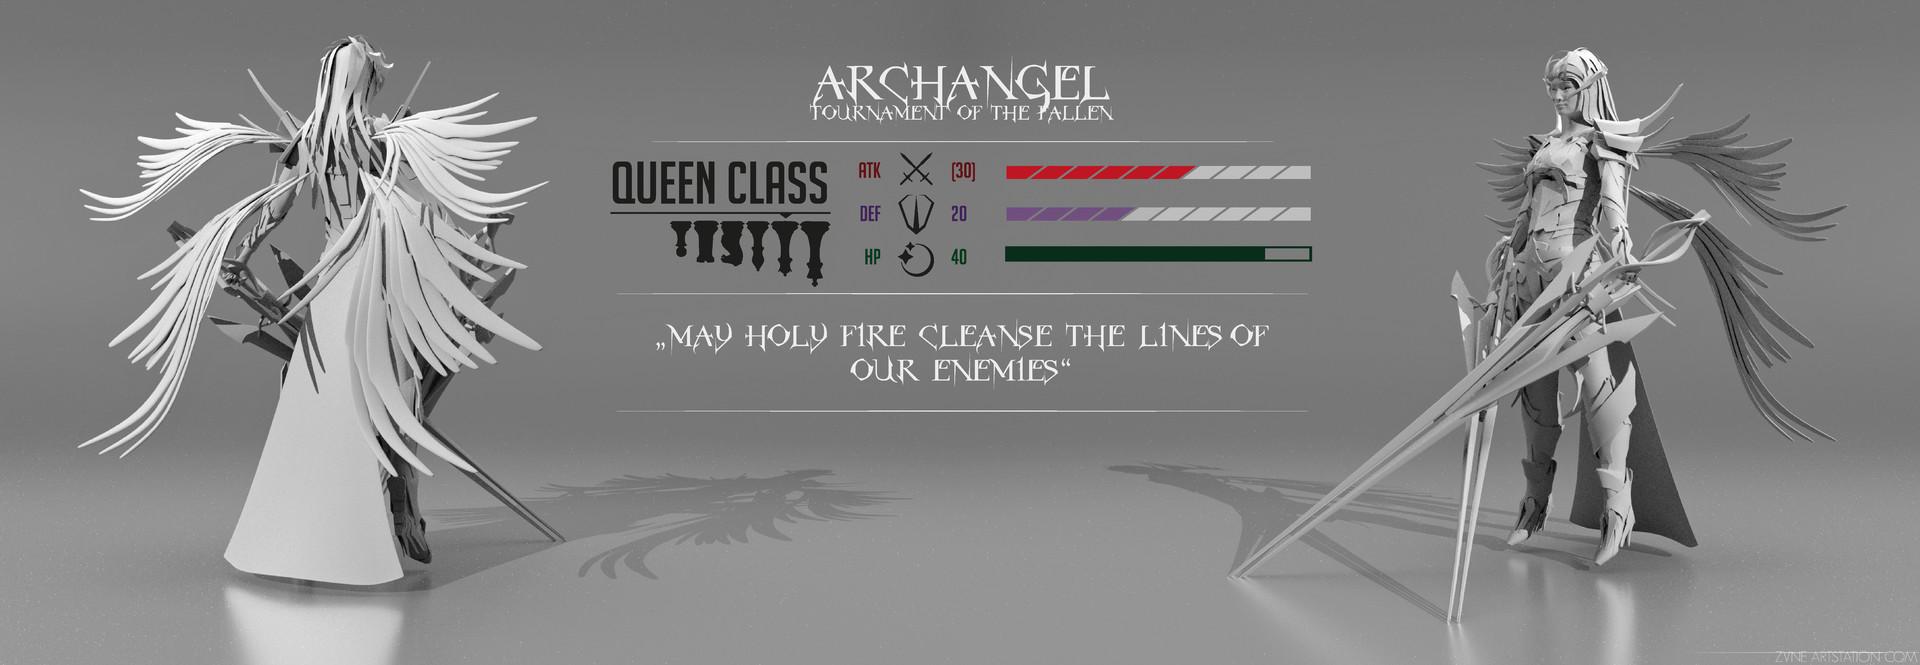 Zane s archangel stats 01 01